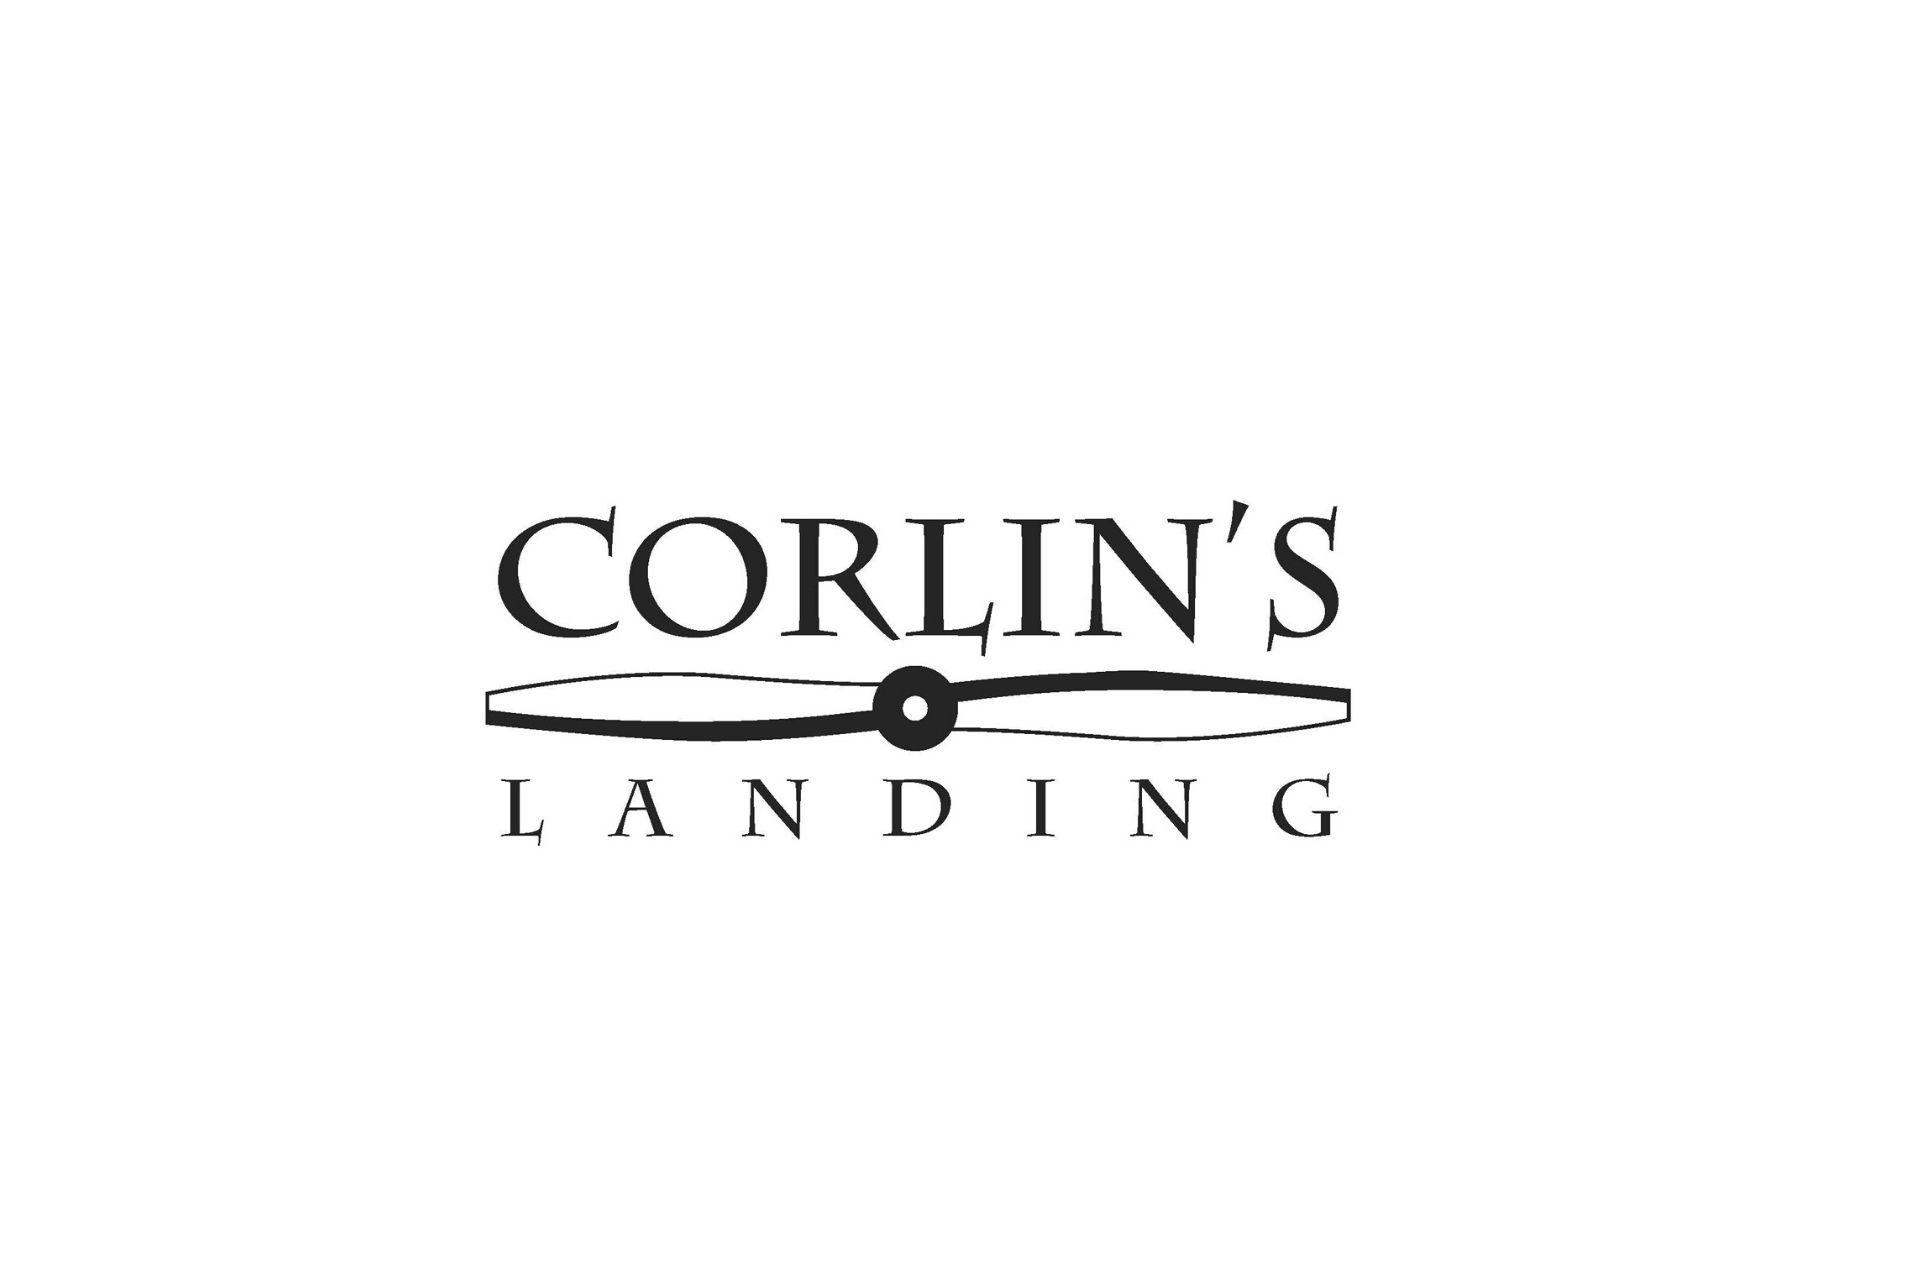 Corlin's Landing,46304